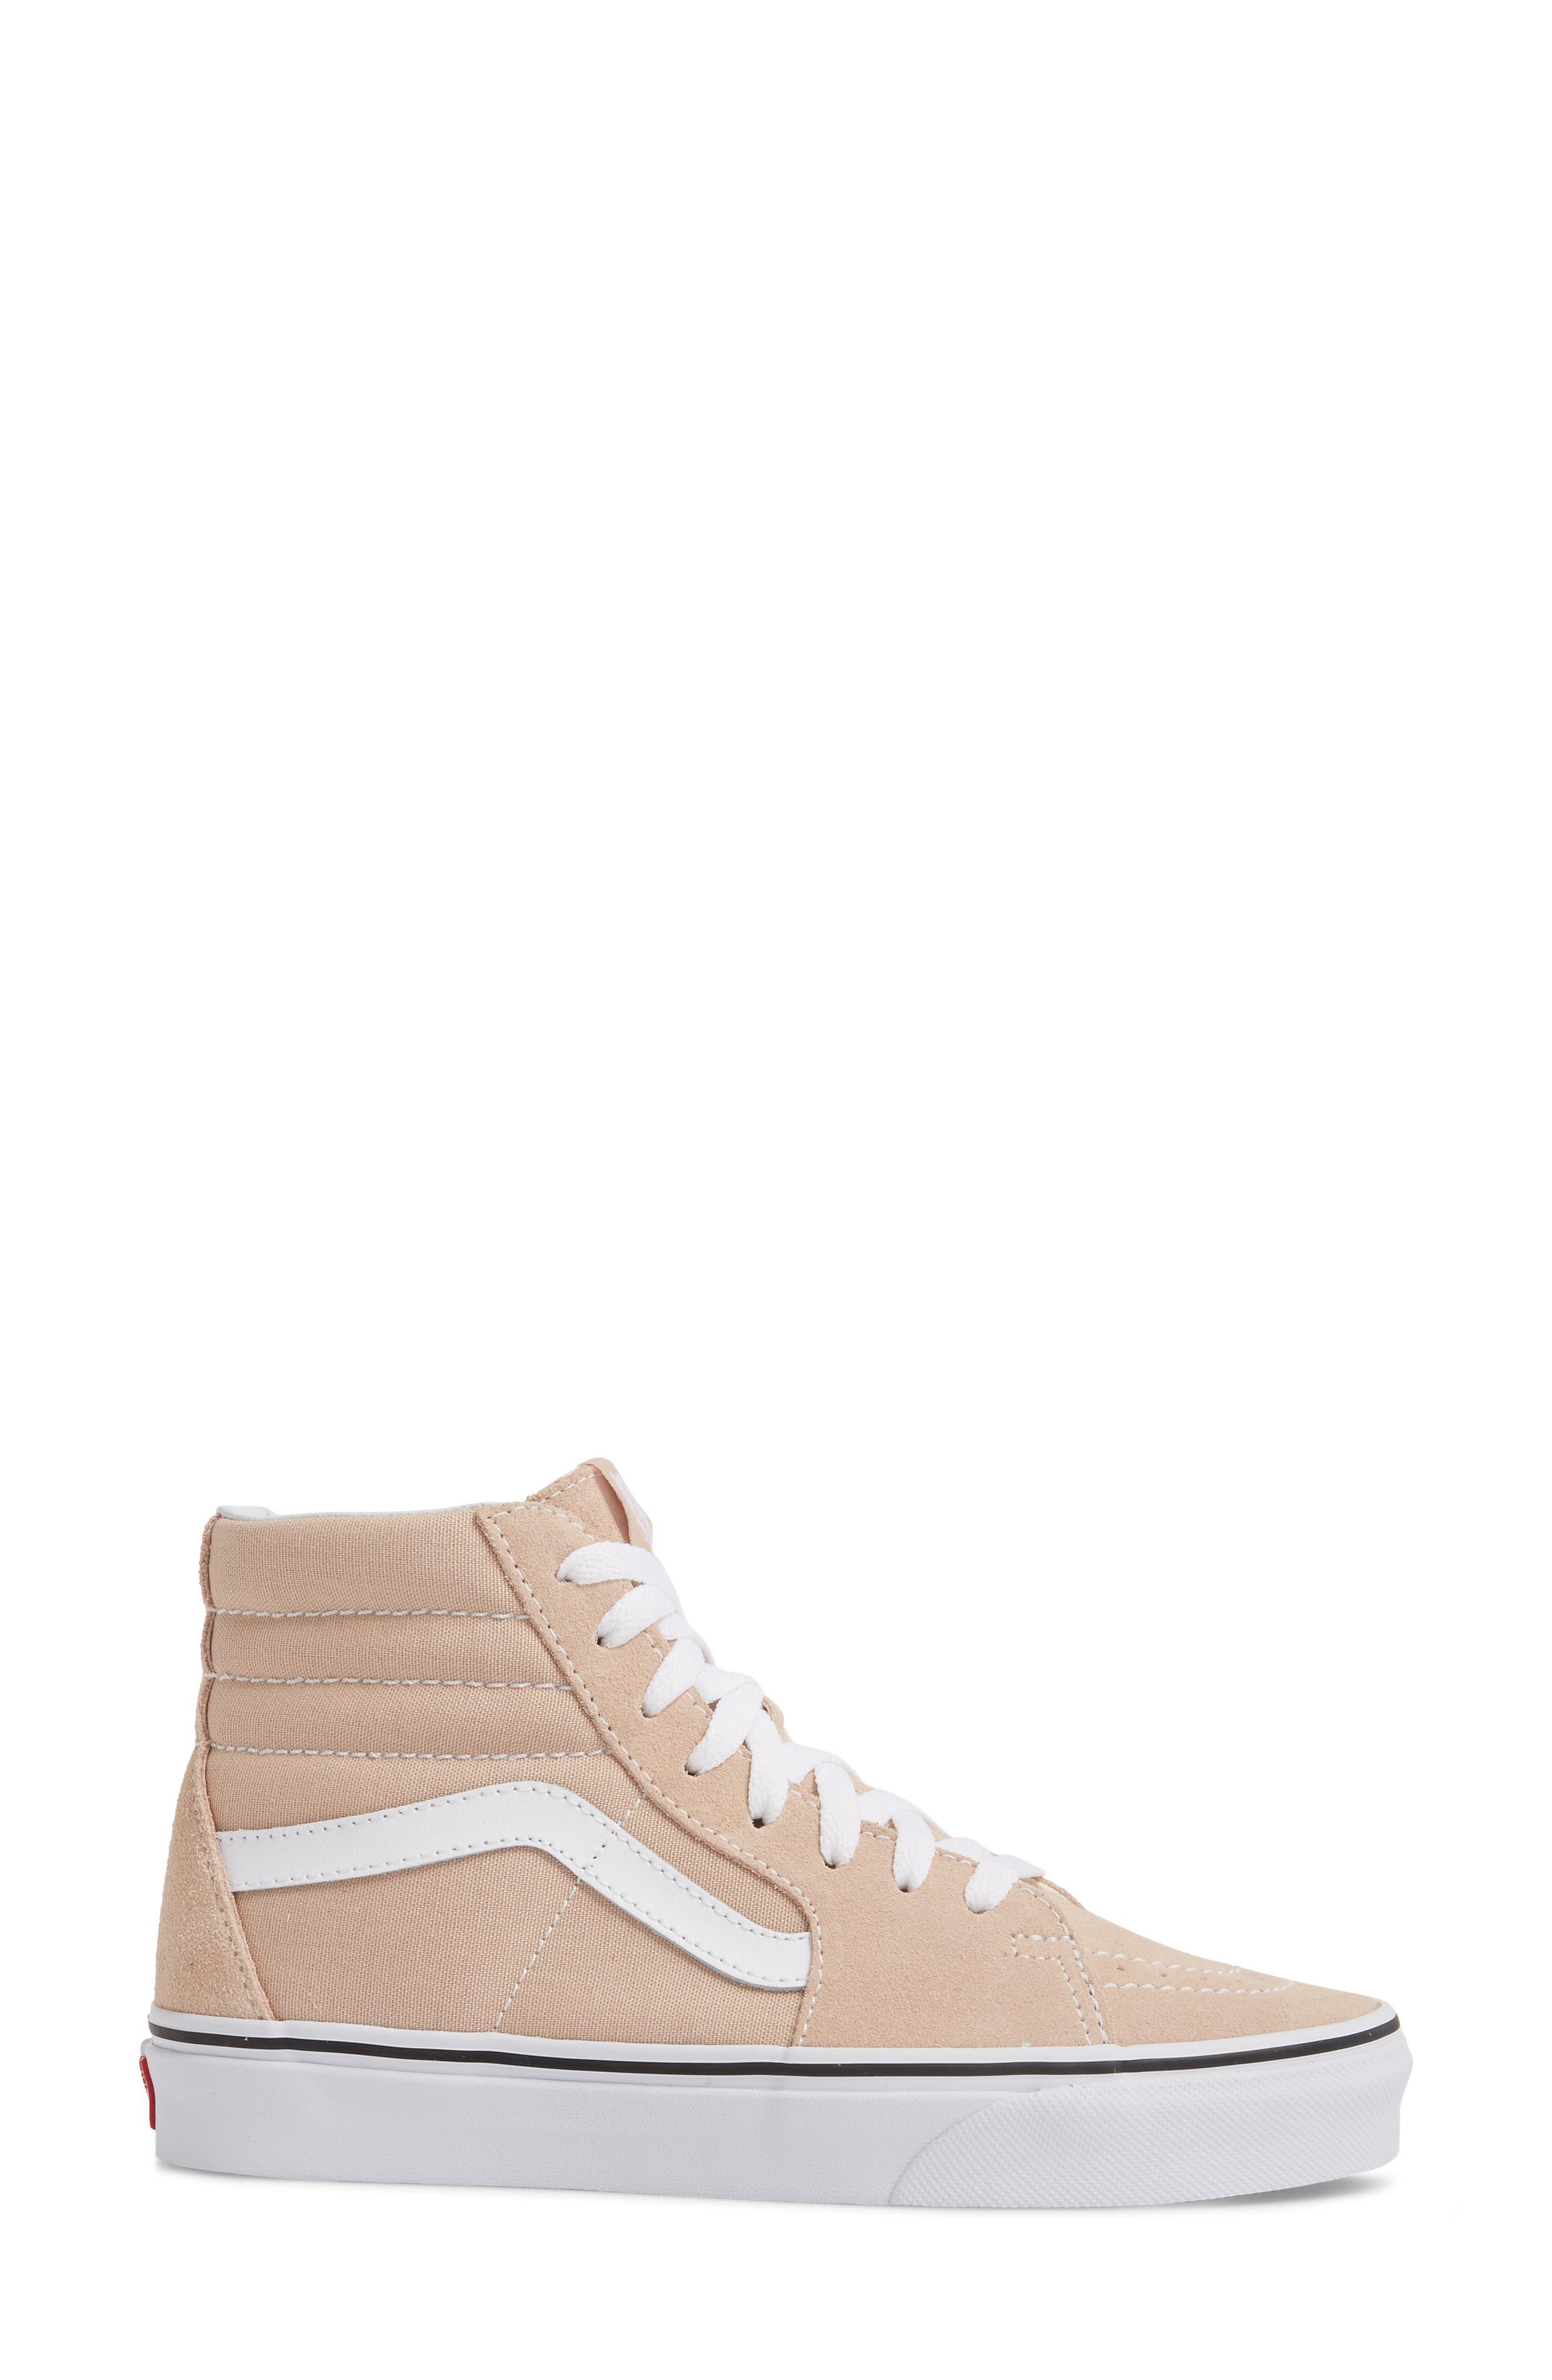 'Sk8-Hi Slim' Sneaker,                             Alternate thumbnail 4, color,                             Frappe/ True White